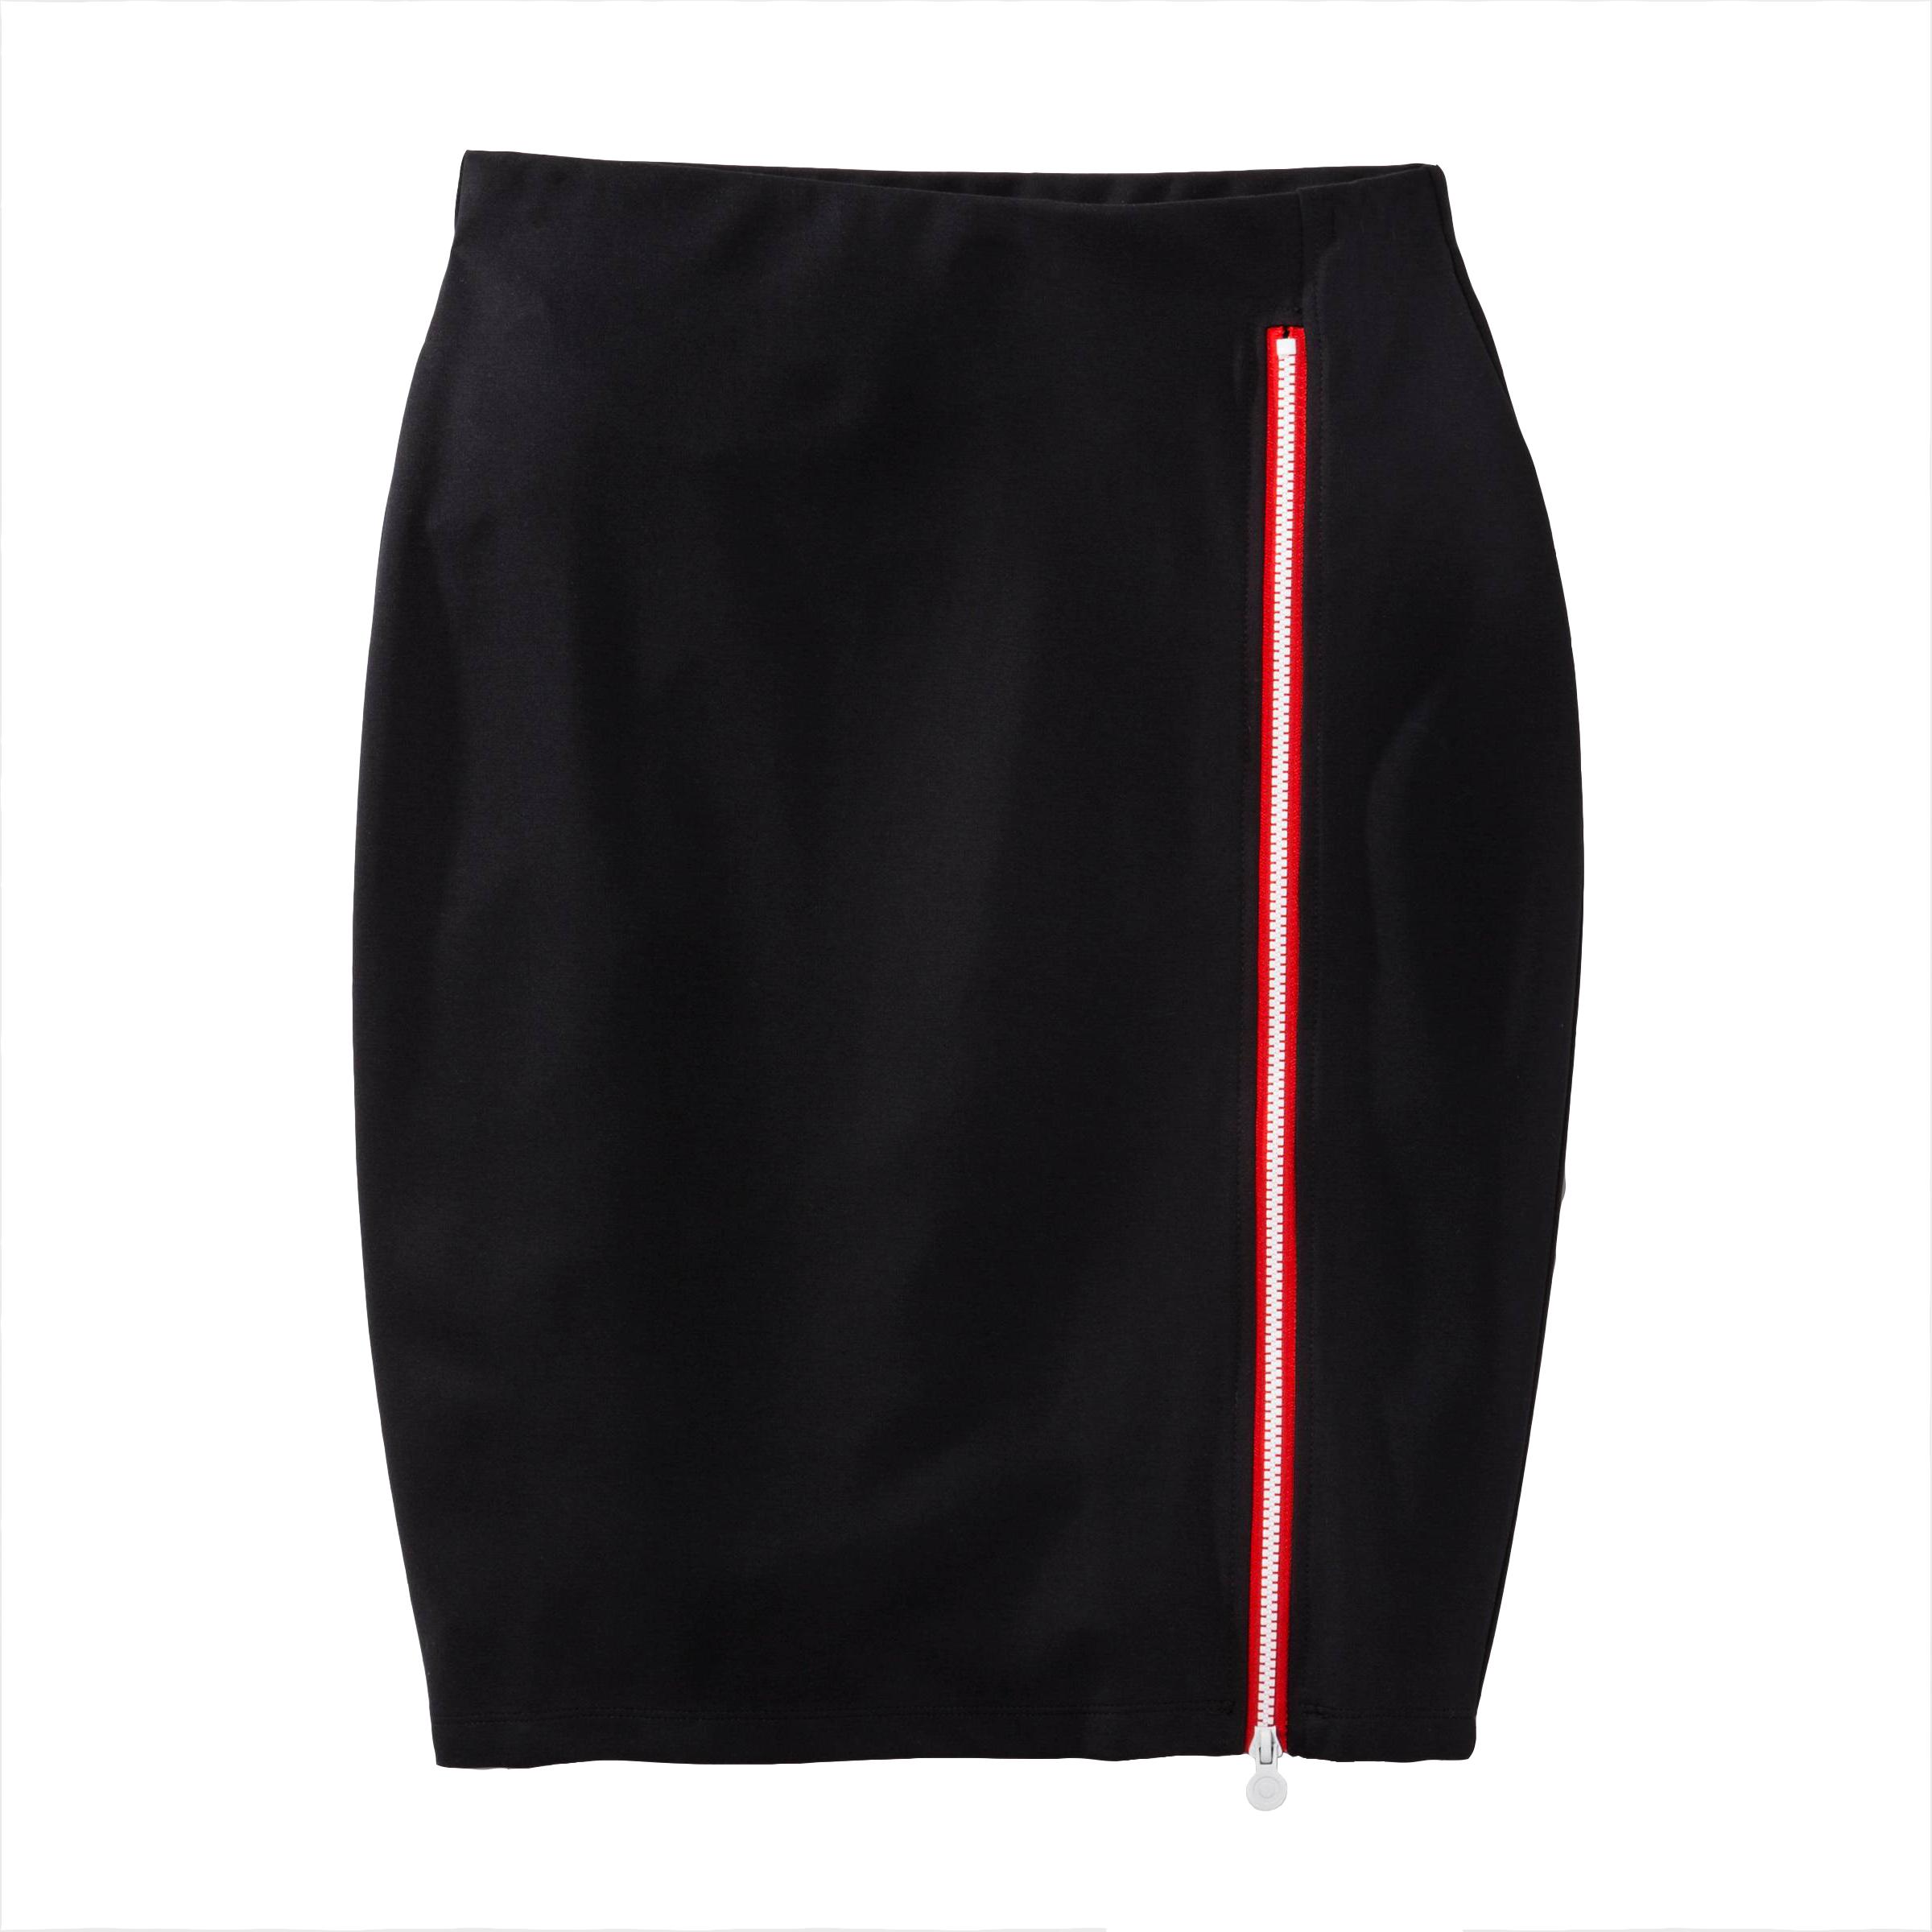 Side Zip Pencil Skirt Black, $30